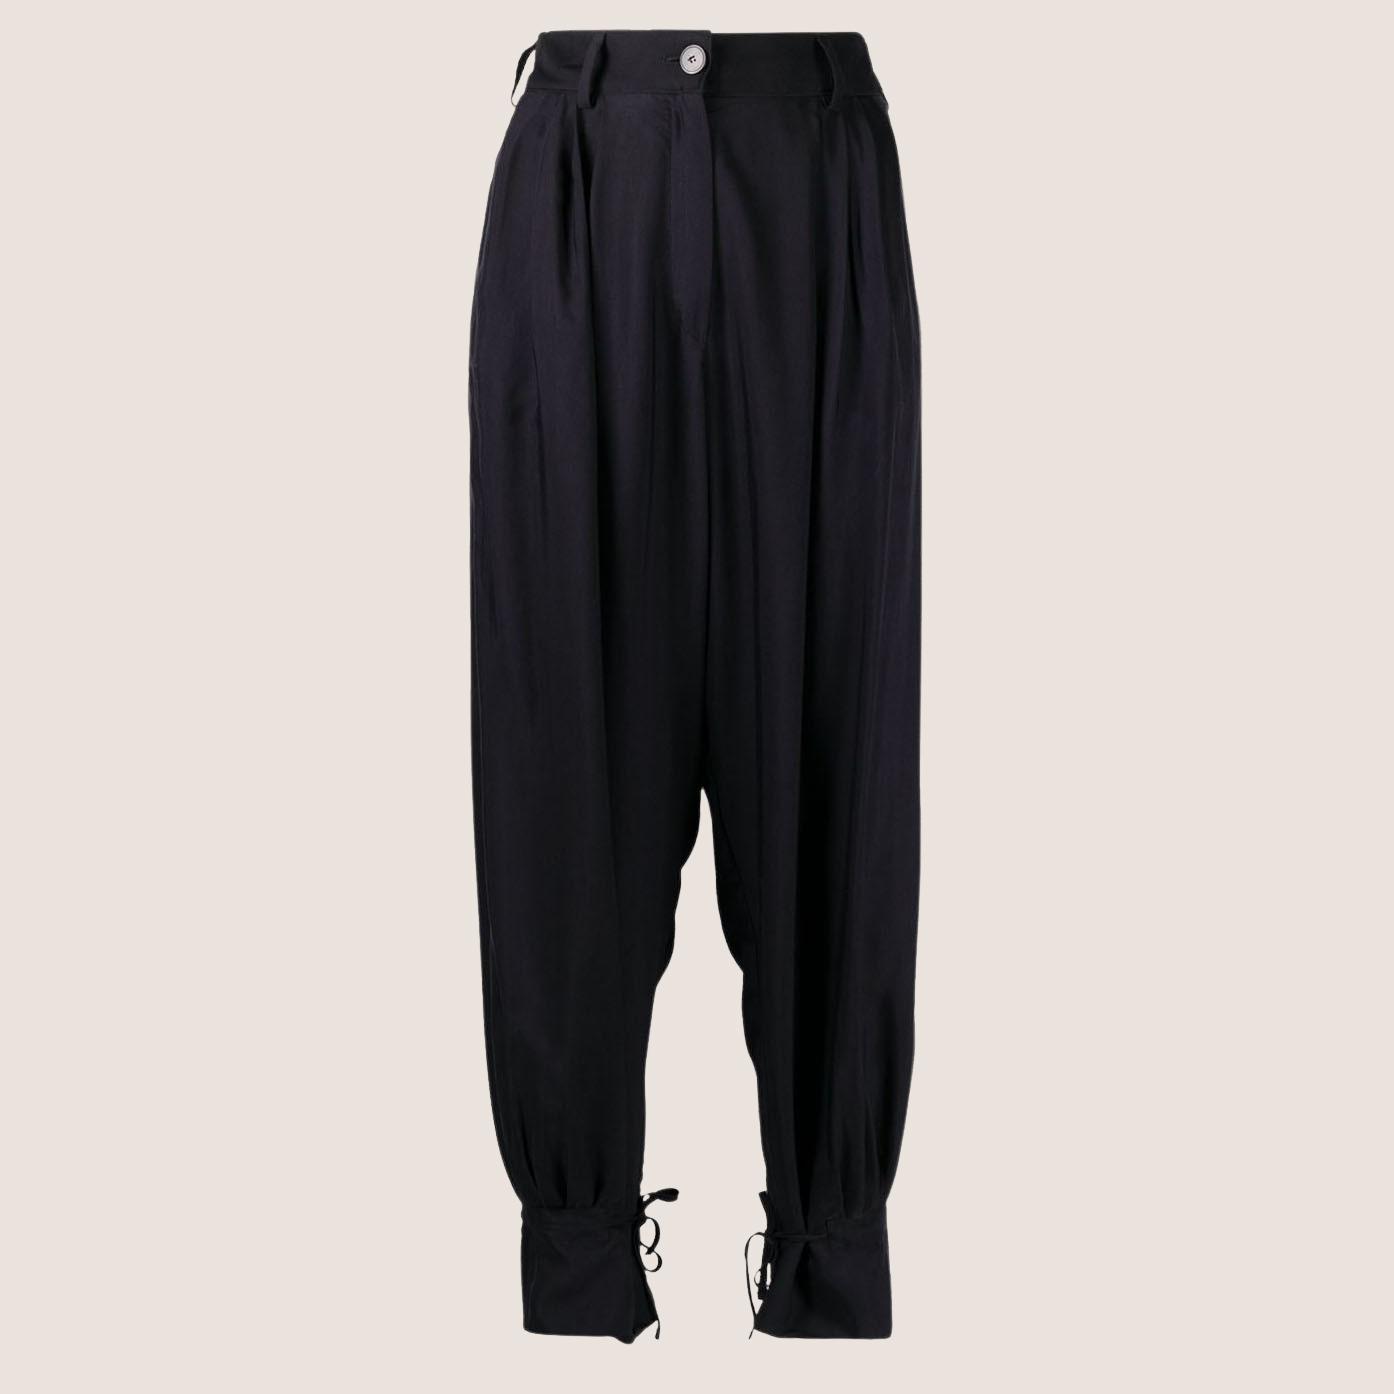 Fluid Pants